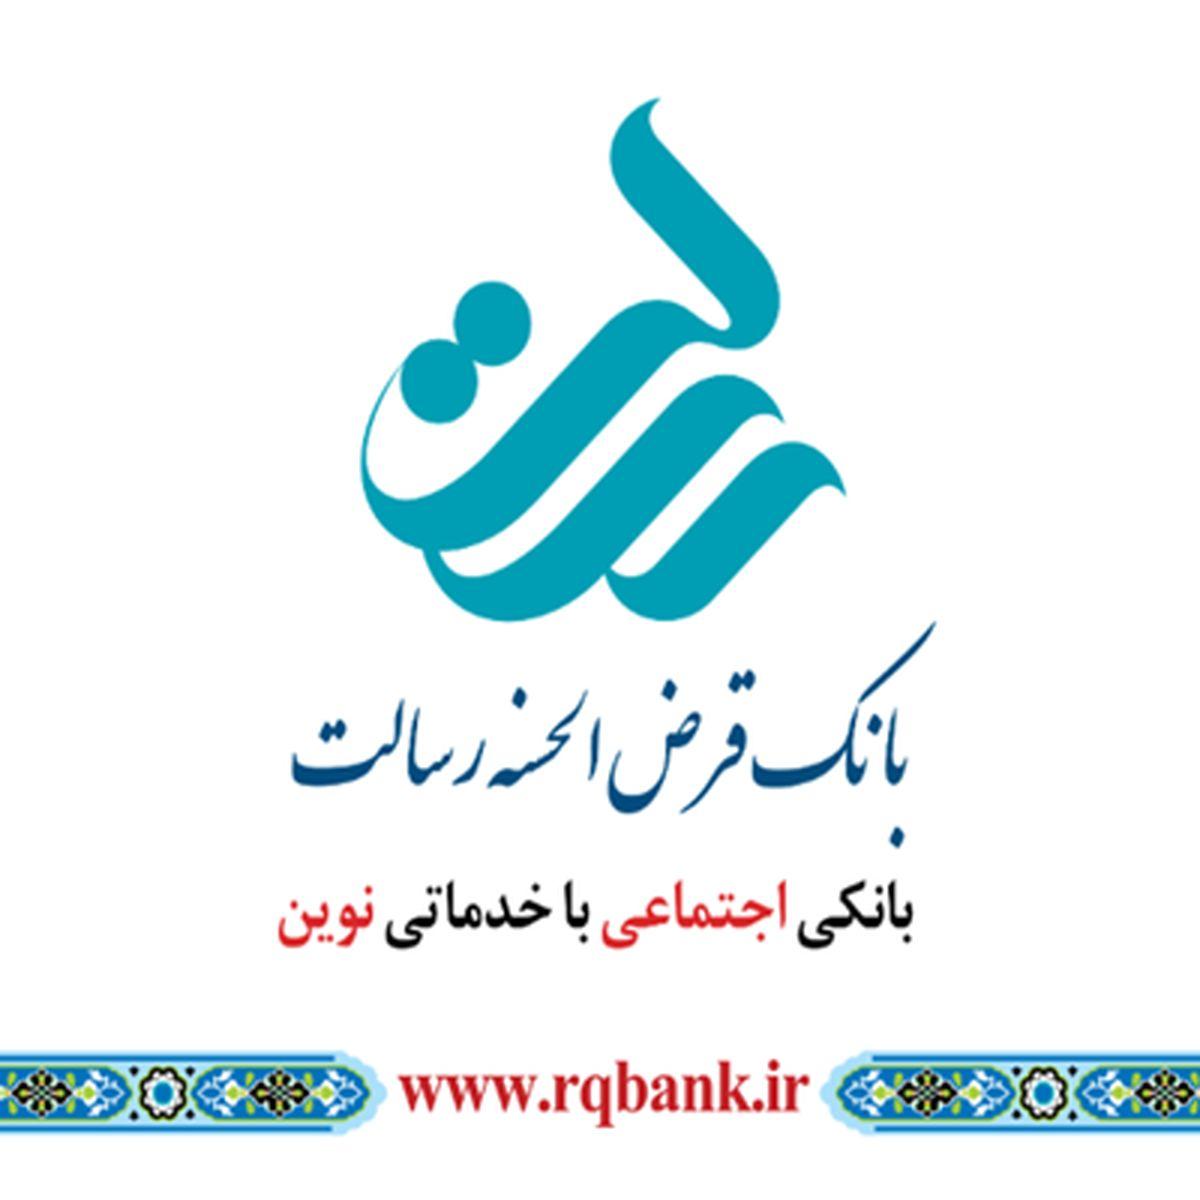 بانک قرض الحسنه رسالت مجمع برگزار می کند